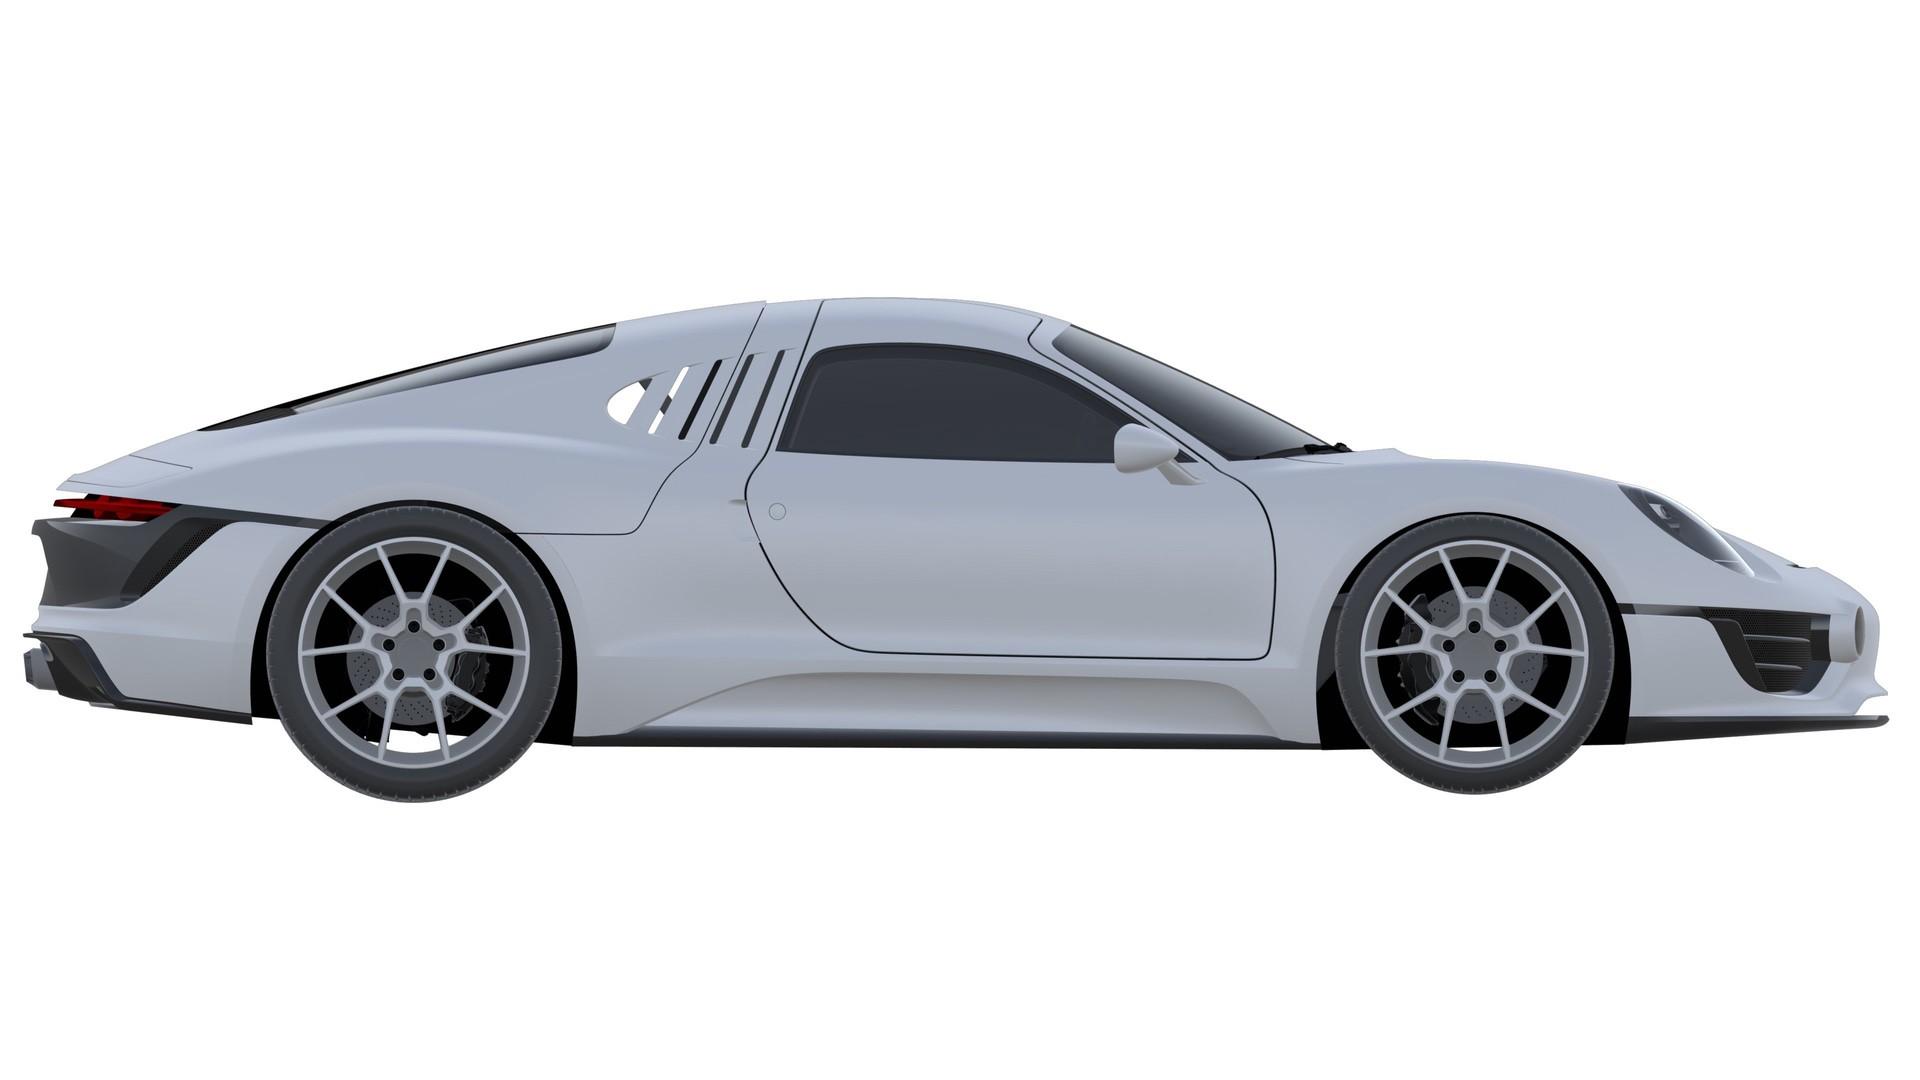 Porsche-Gullwing-Design-Patent-4